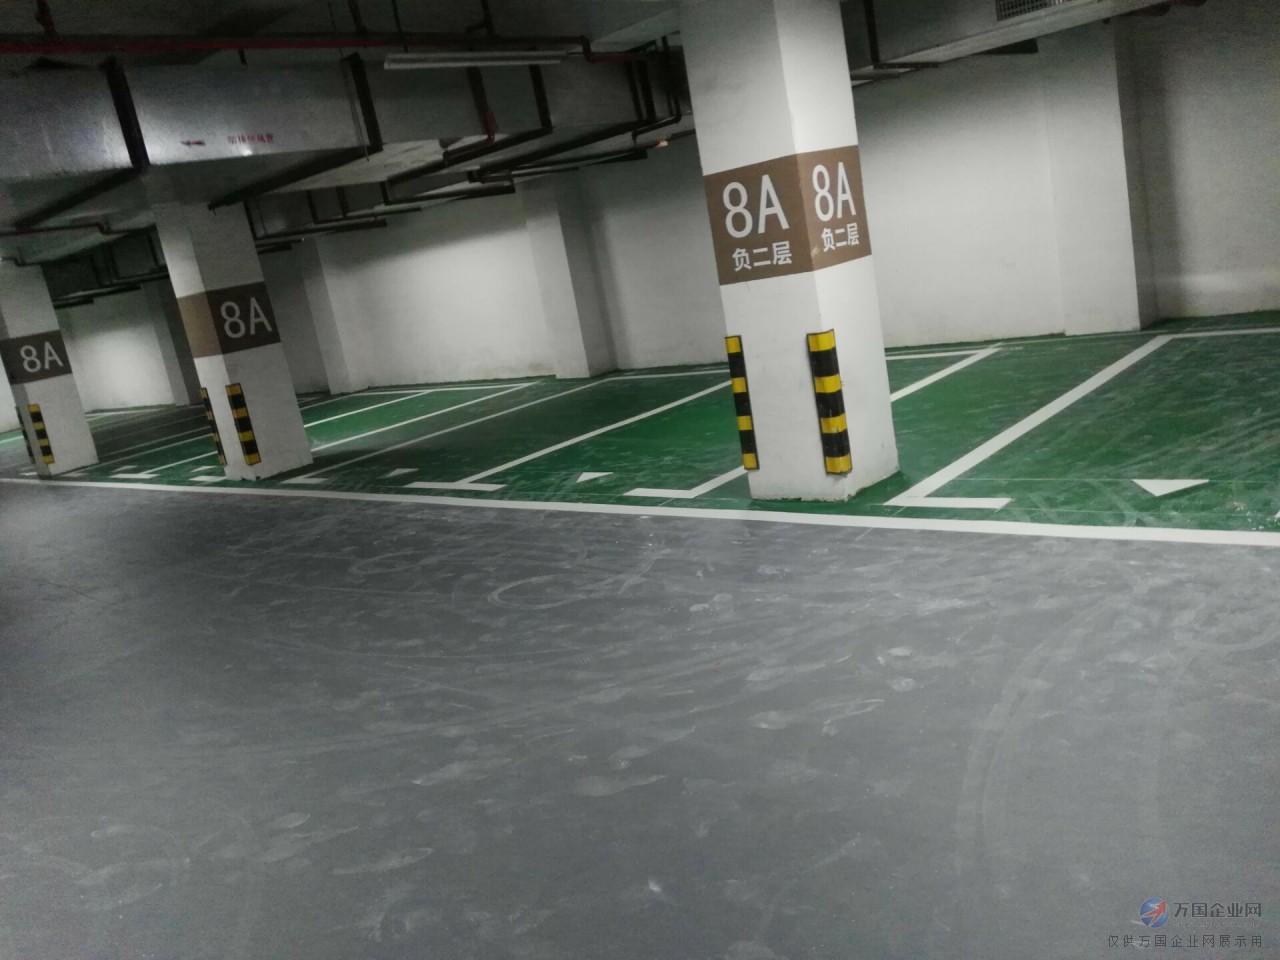 深圳市捷诚交通设施厂是一家从事标线施工、道路交通安全设施、停车场、地下停车库等交通设施产品的设计、生产、施工和销售的专业化公司。本公司具有高素质的专业人才,雄厚的专业生产能力,现代化的专业施工设备,精良的专业施工队伍,并以高质量、优质的服务赢得诸多客户的信任和青睐。 公司主要生产安装的产品:橡胶减速板、减速带.